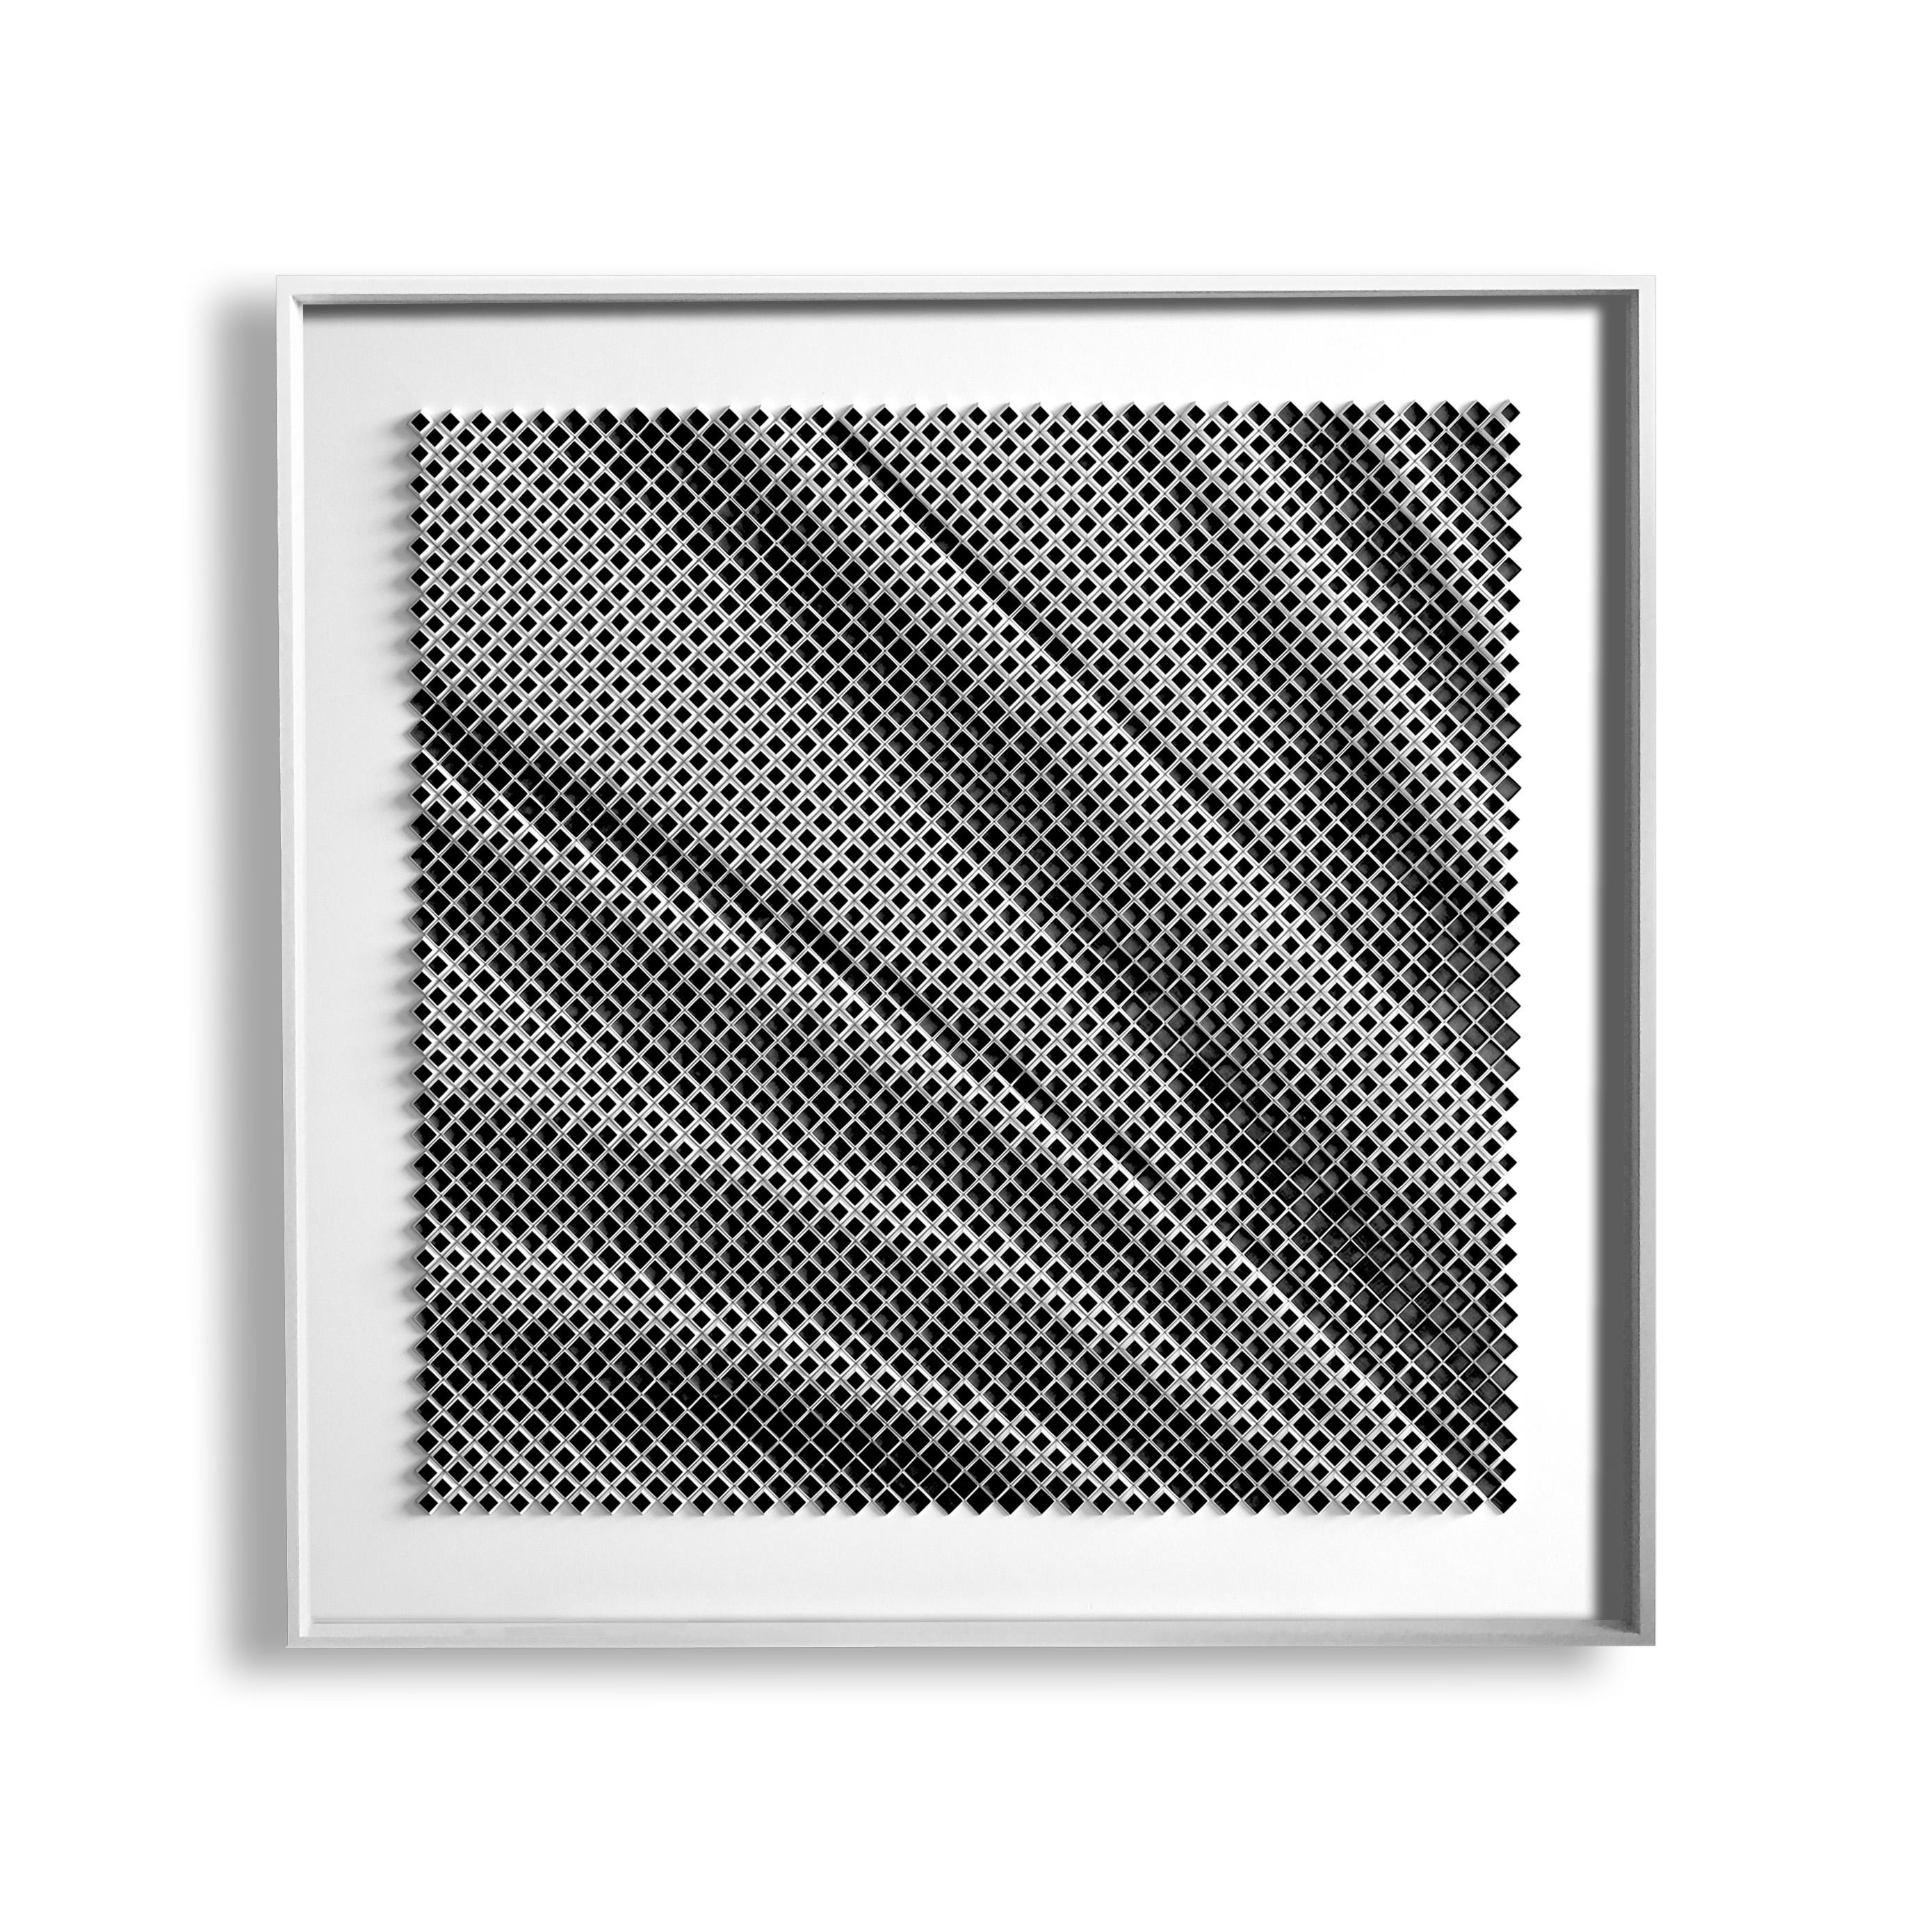 Fabric_45x45